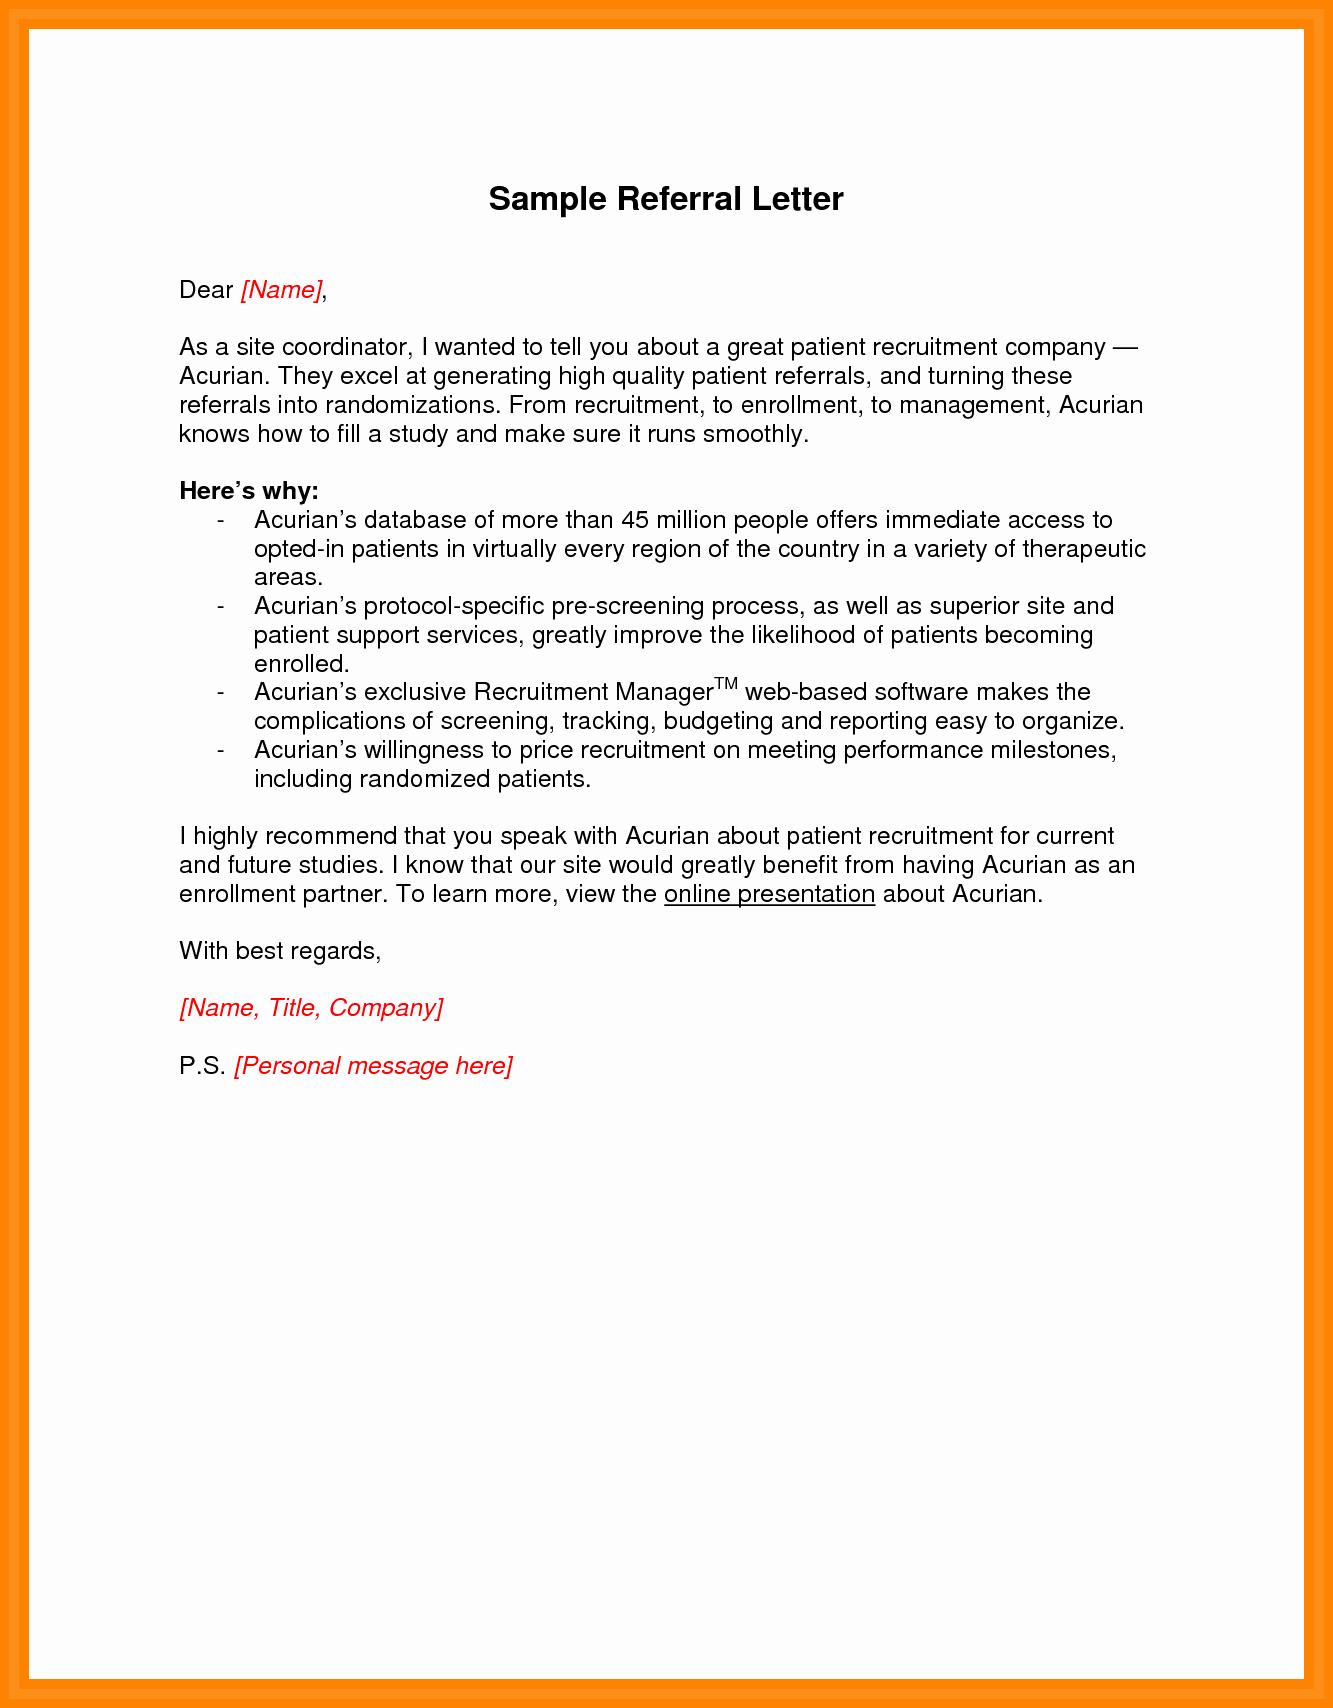 Medical Referral Letter Template New Sample Testimonial Letter